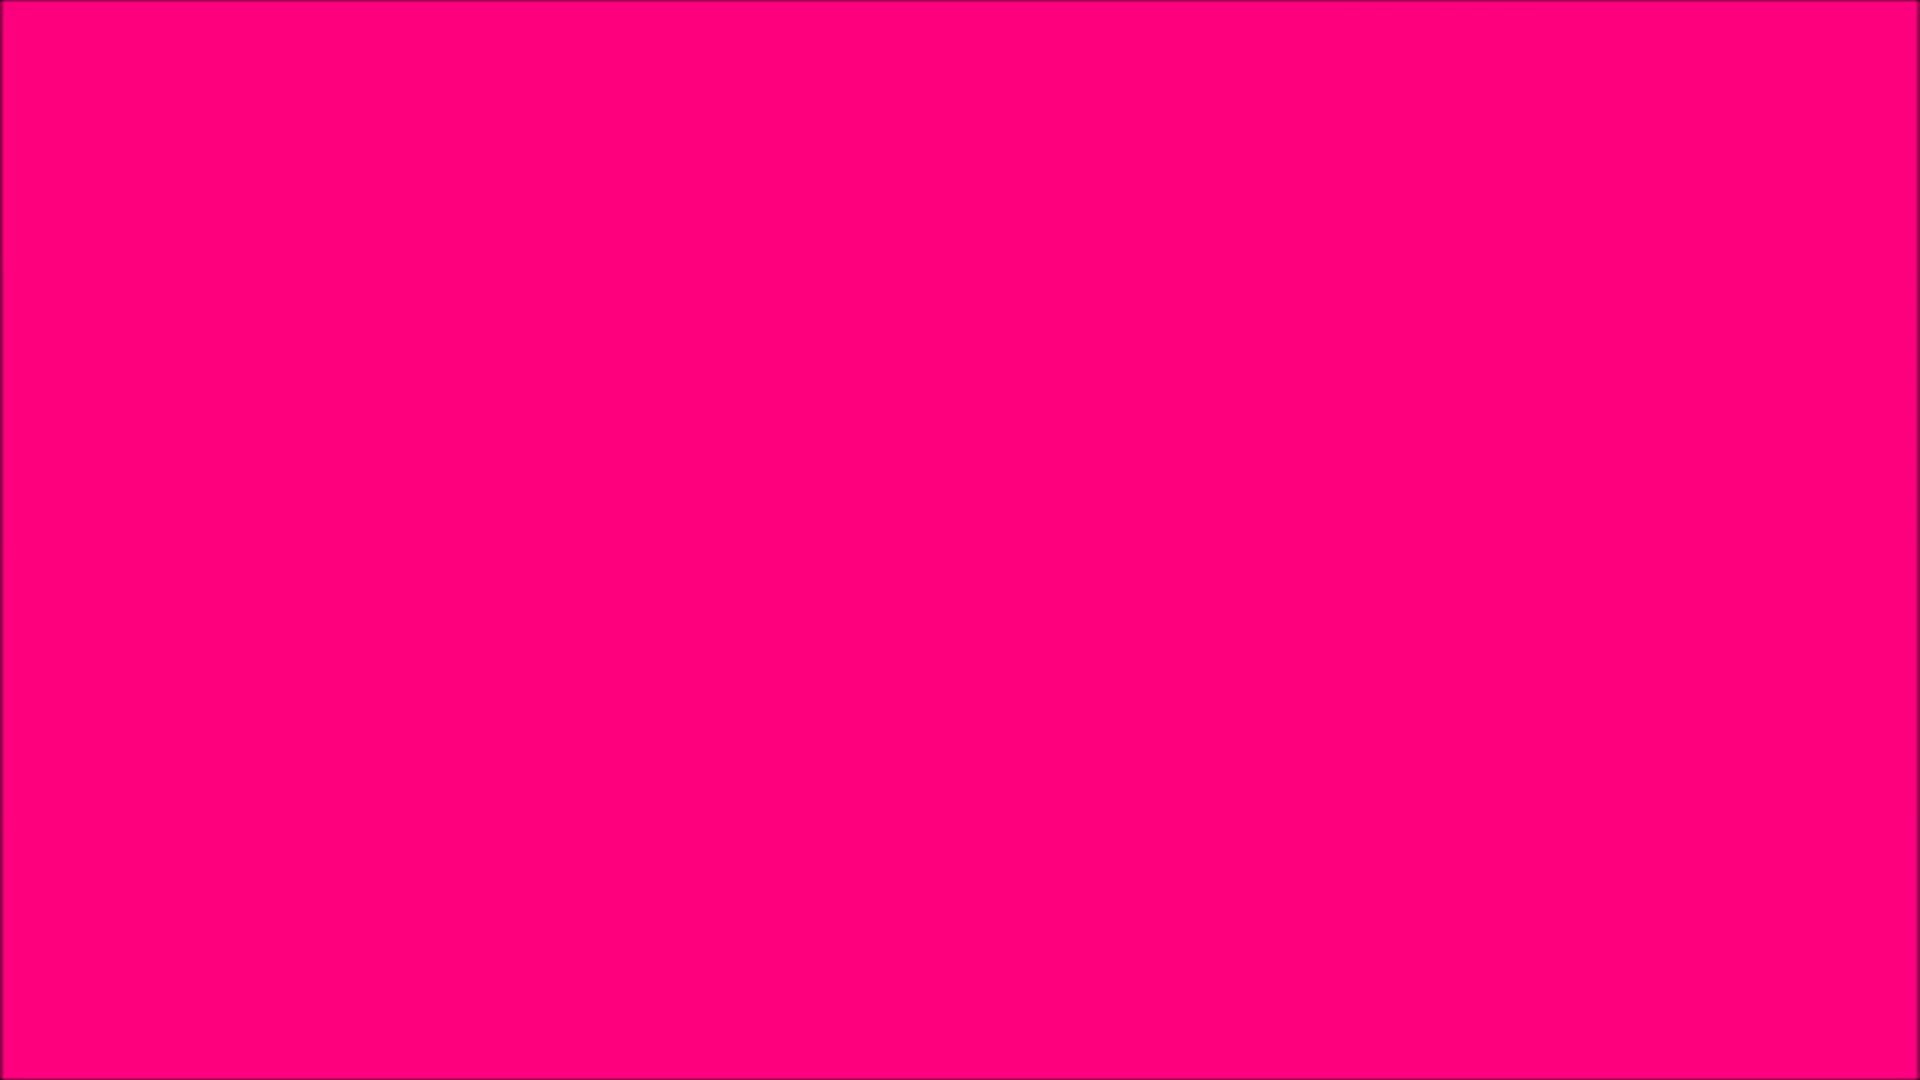 Video: Here is my Second Movie 2017, Come discover it ... MOVIE HD16/9 - Versailles Poetique Revolution # 11 https://goo.gl/photos/KzWiCfFQsUwzLTQ29  Or directly via this link below: Ou directement par ce lien ci-dessous :  https://photos.google.com/share/AF1QipNbst1EqaEFdtzIzK3EpKeLMEMxT-guJu-Ifrc3x_HltIjbzsAcYvZYullfS5jb4Q/photo/AF1QipNa7icWf41p2UOlOm8KsA1U5sFrFzg-vy0DCXNg?key=Vm5DU0k4MU1XV25JMEpFU0huTTJVQlFWT1V3MzRn  Here is my Second Movie 2017, Come discover it ... Voici ma Seconde Vidéo 2017, Venez la découvrir...  www.phrpeinture.fr  Philippe ROUSSEAU - Painter - Peintre - Peinture - Dessin - Dessins - Nu Artistique live models - nude aristic Modèles Vivants (artistique) - Draw - Drawings